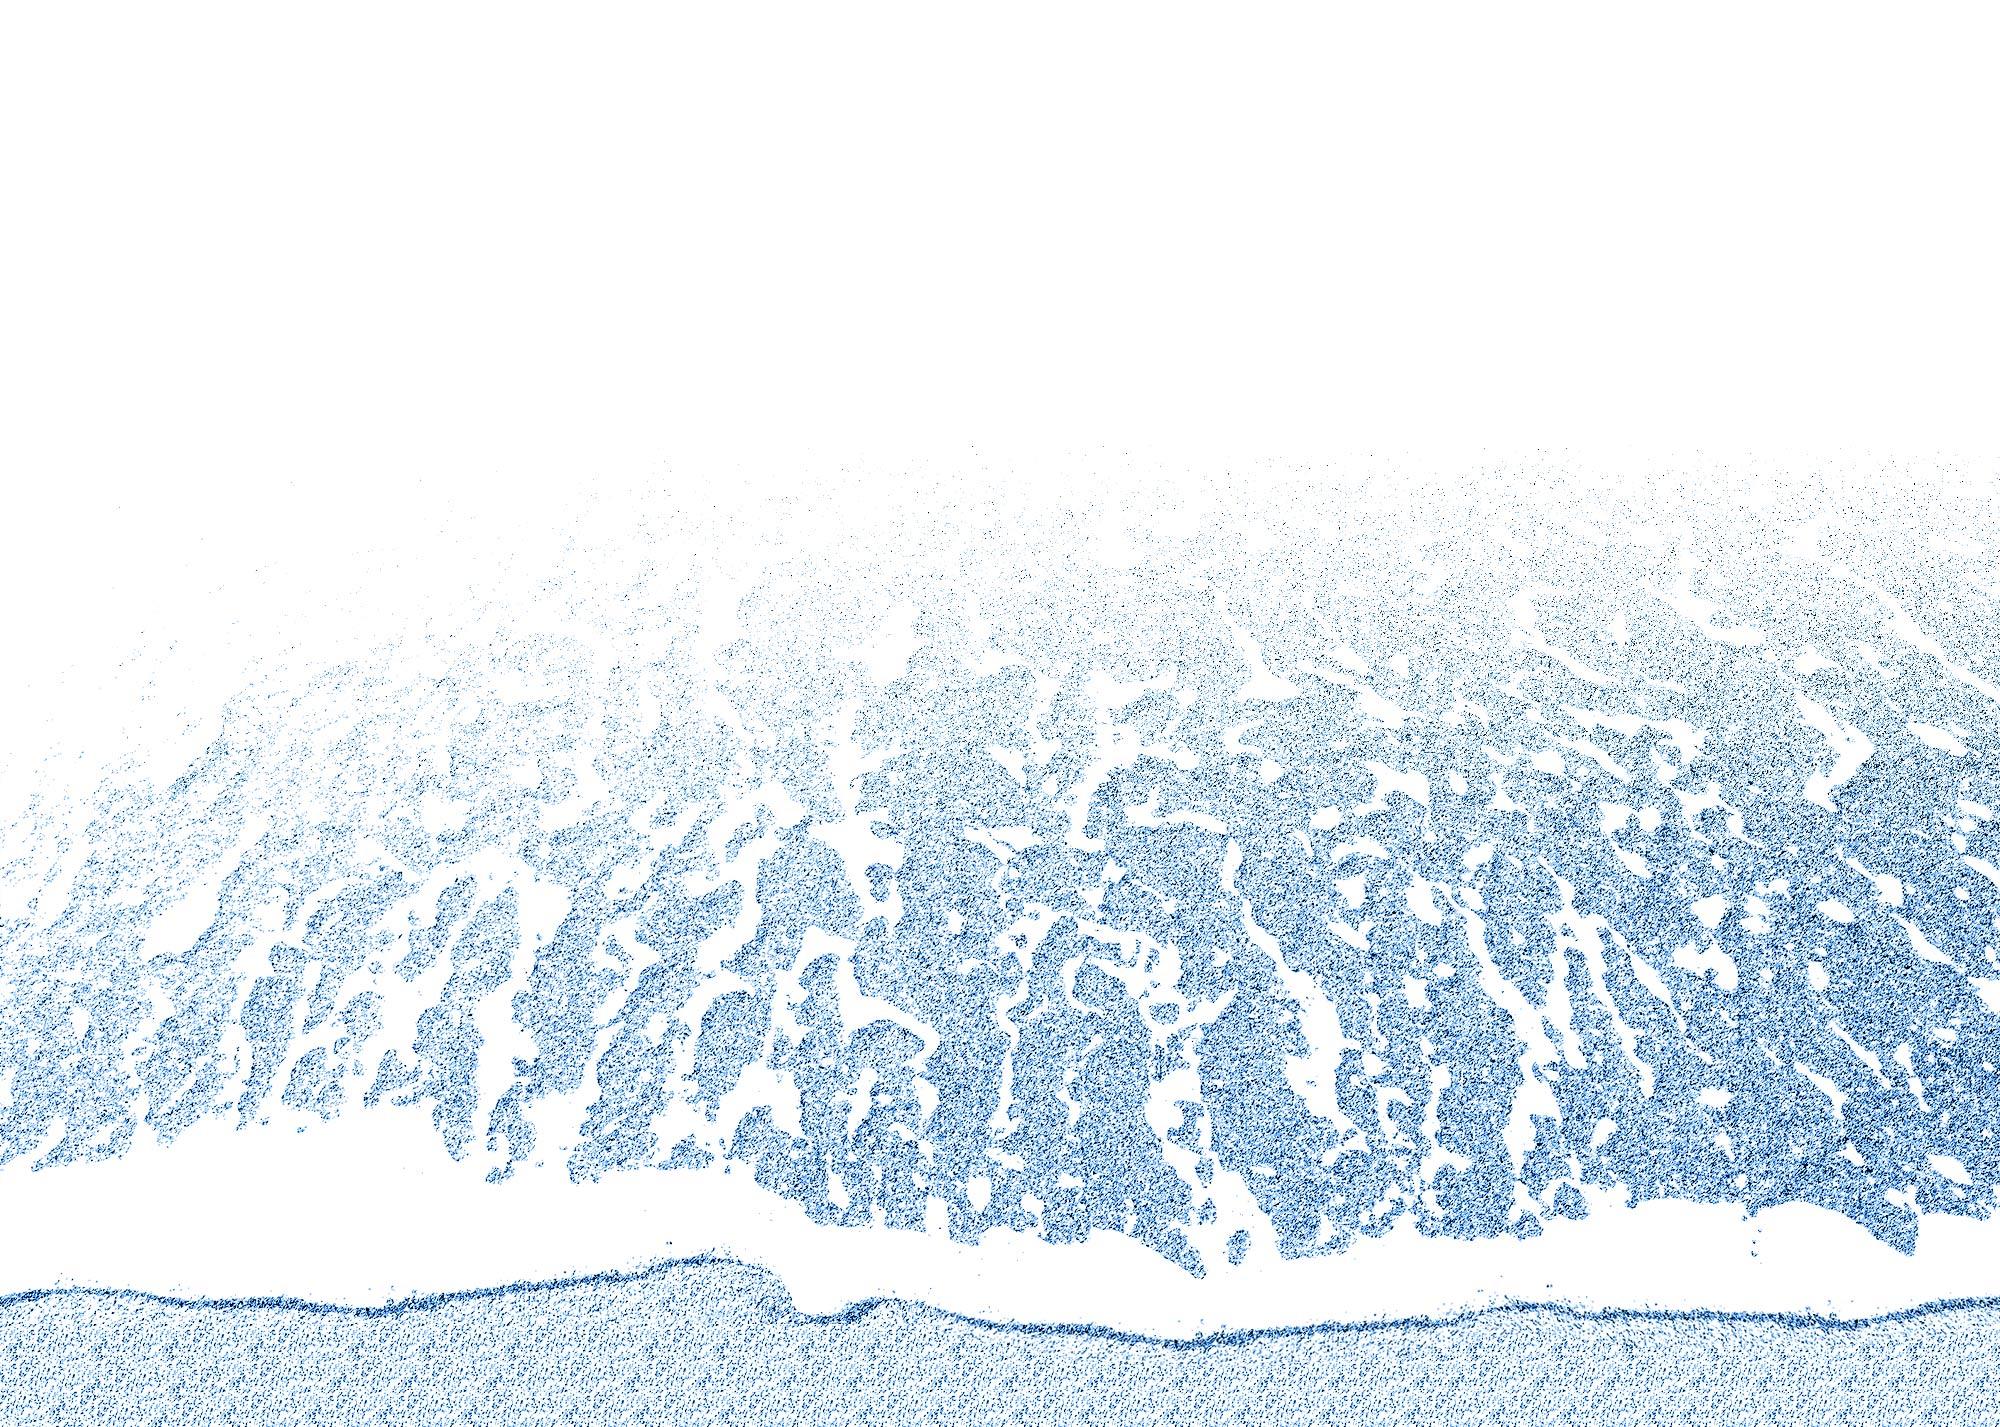 Ilustración gratis - Espuma del mar